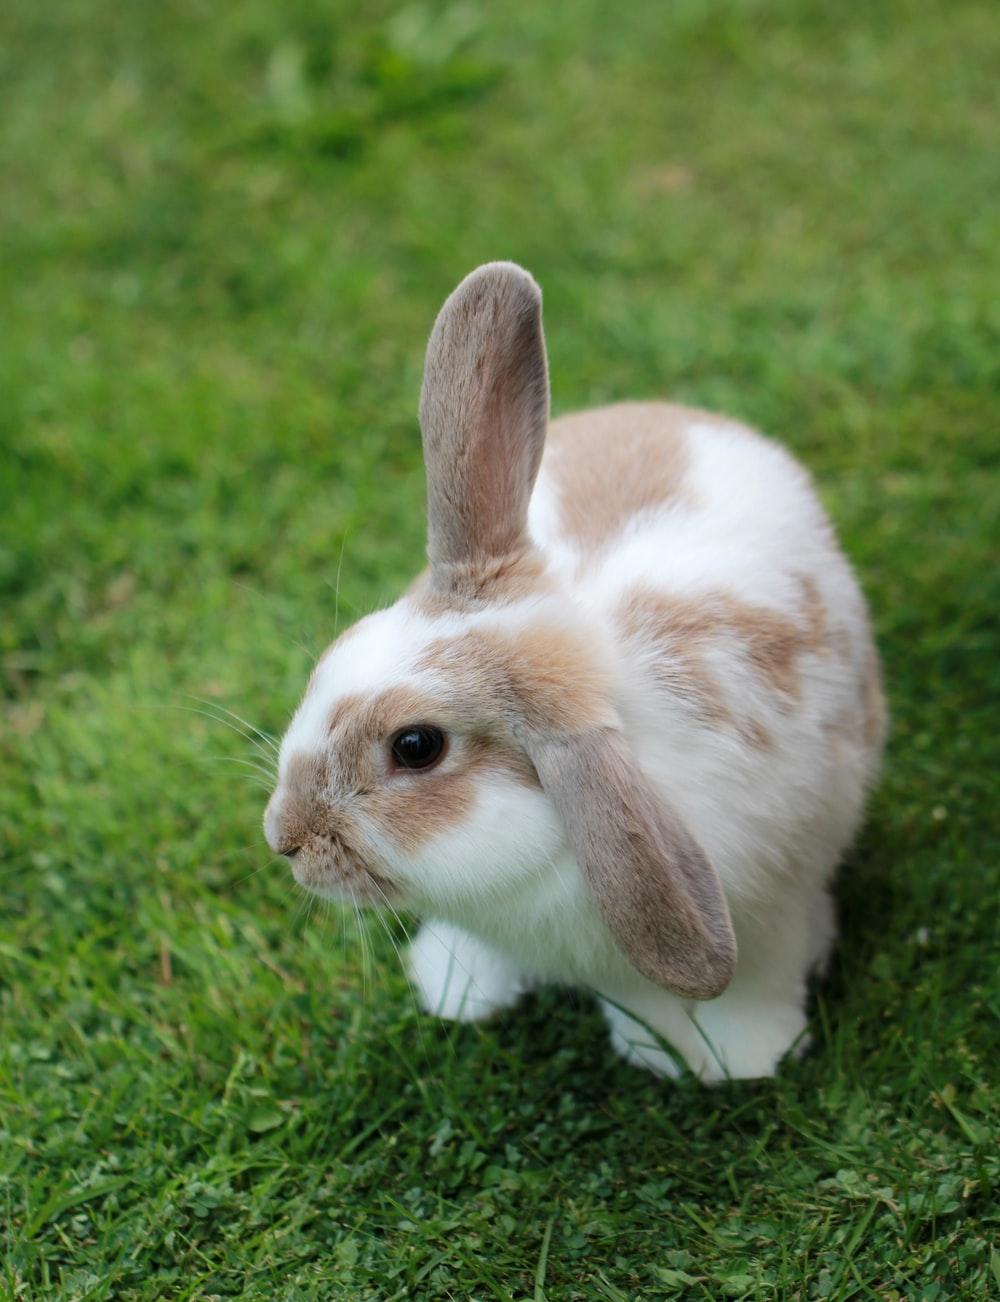 Em thỏ lông vằn đáng yêu xinh xắn